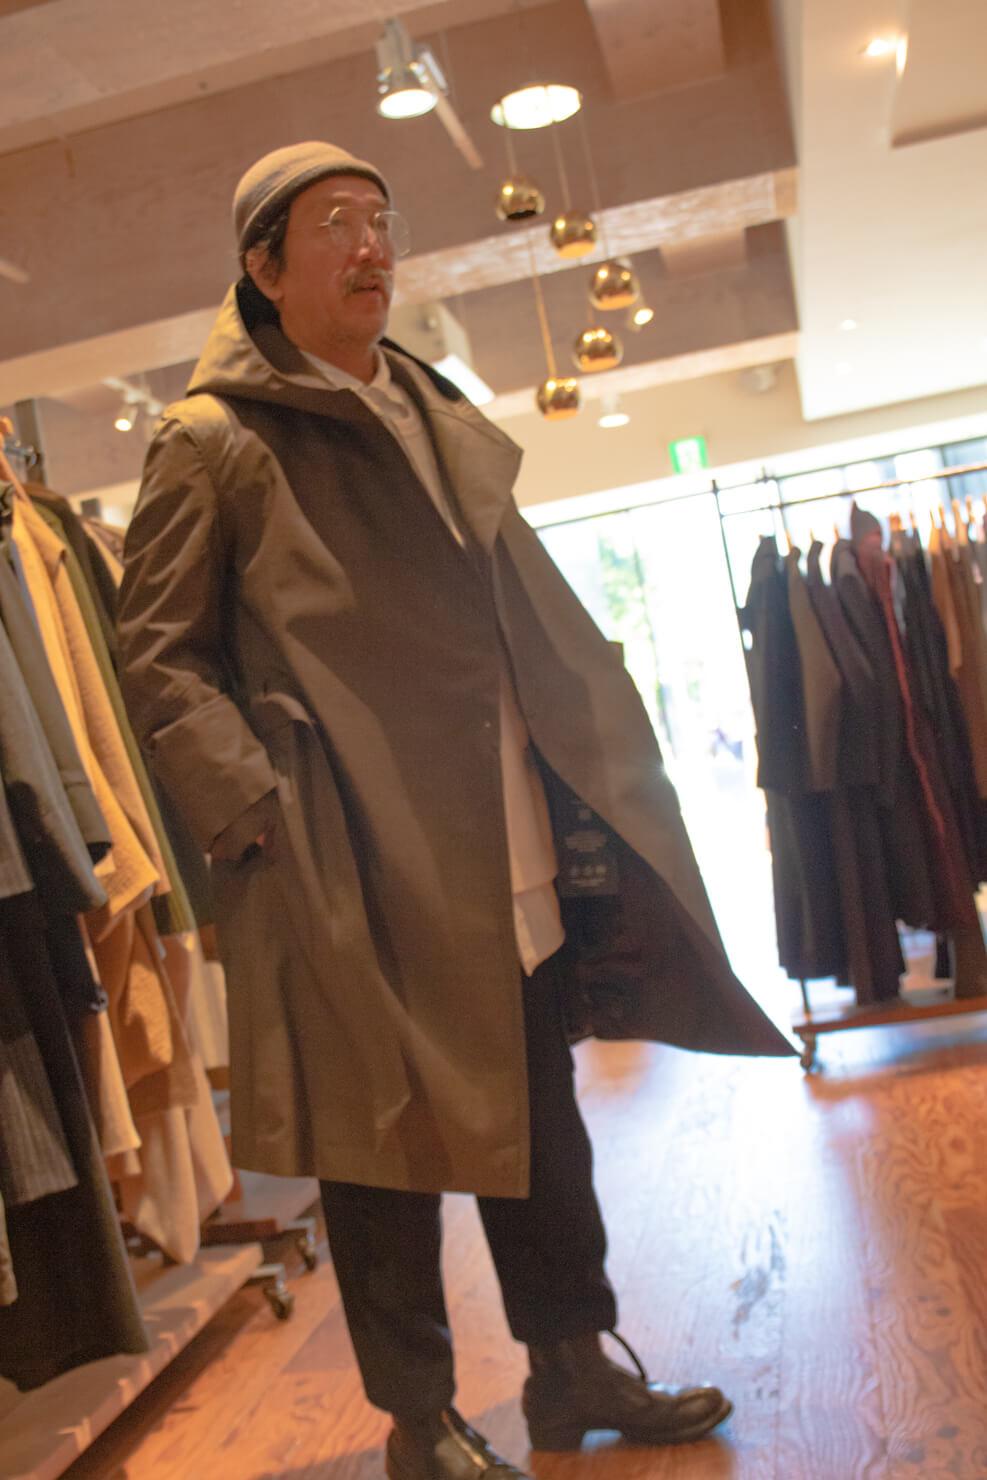 ノルウェー・ジャン・レインのコートを着ている浅田さんの写真